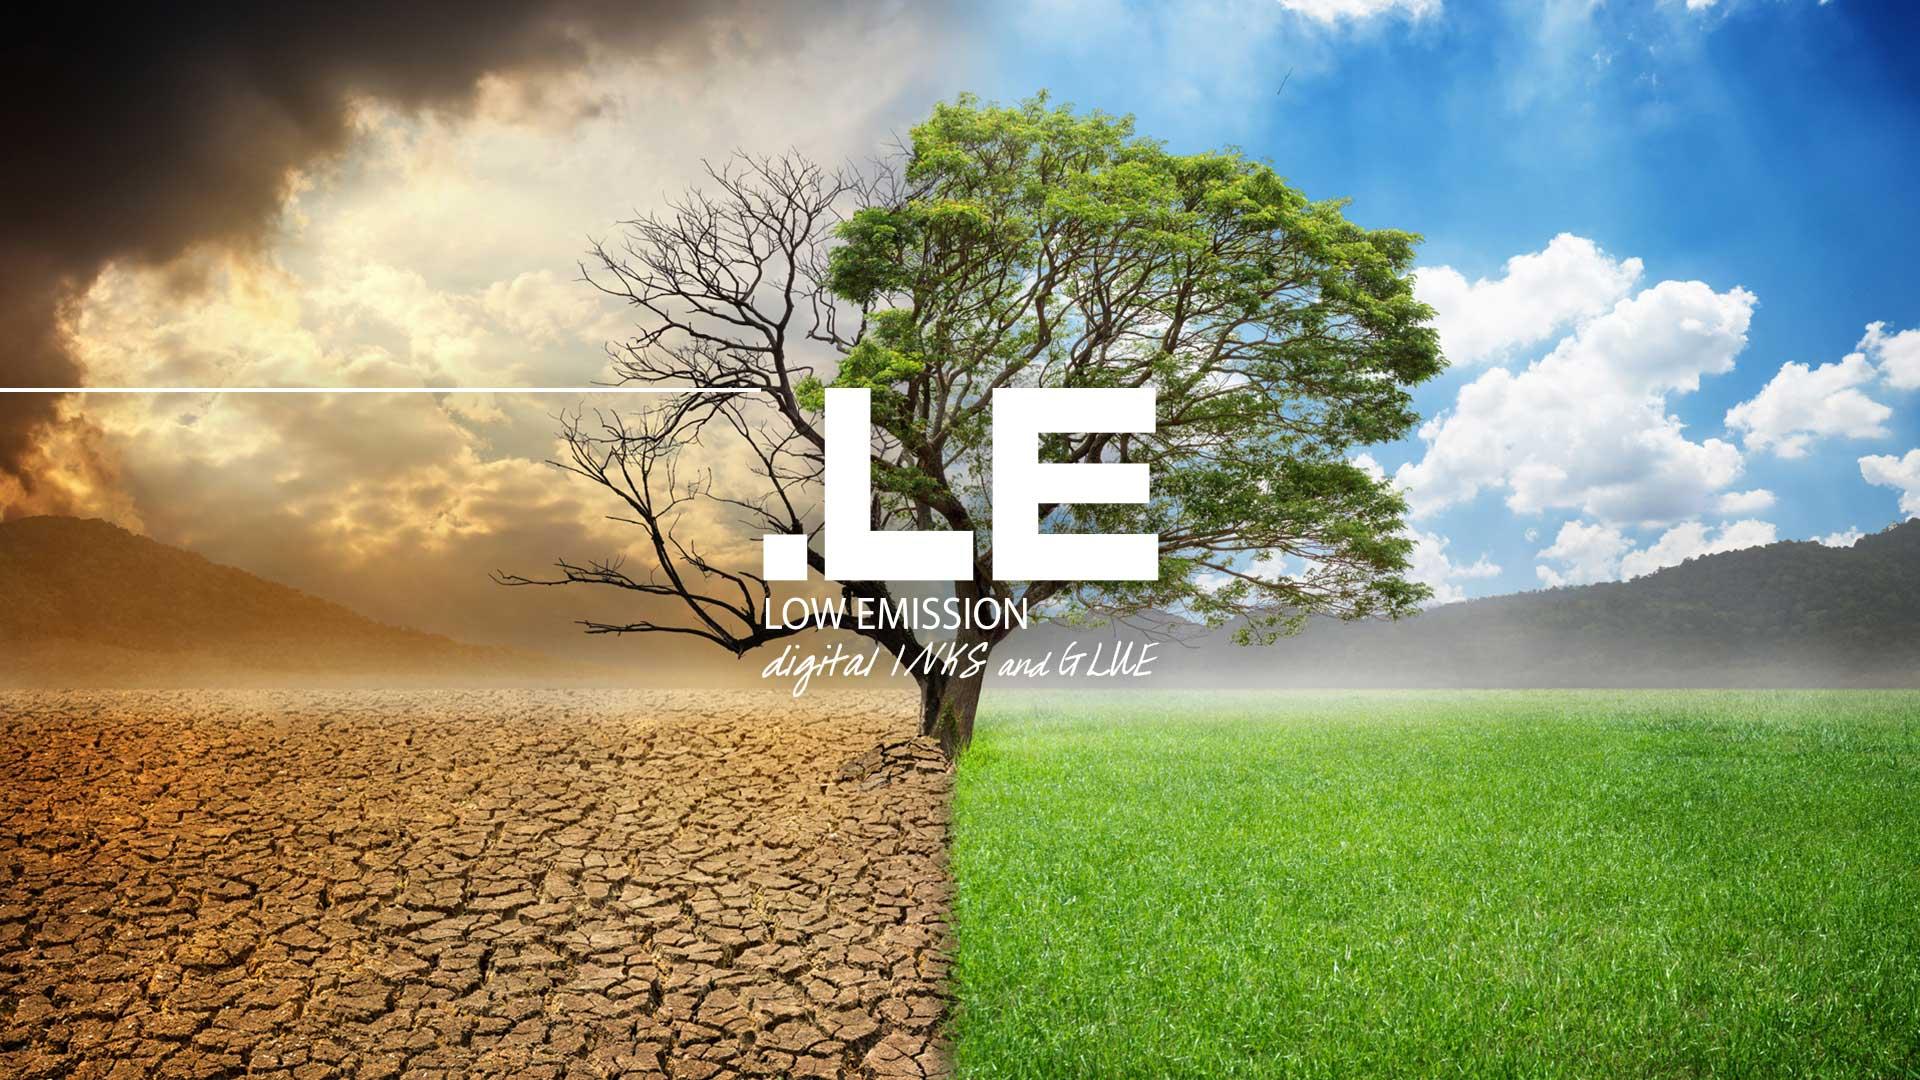 Serie LE Low Emission